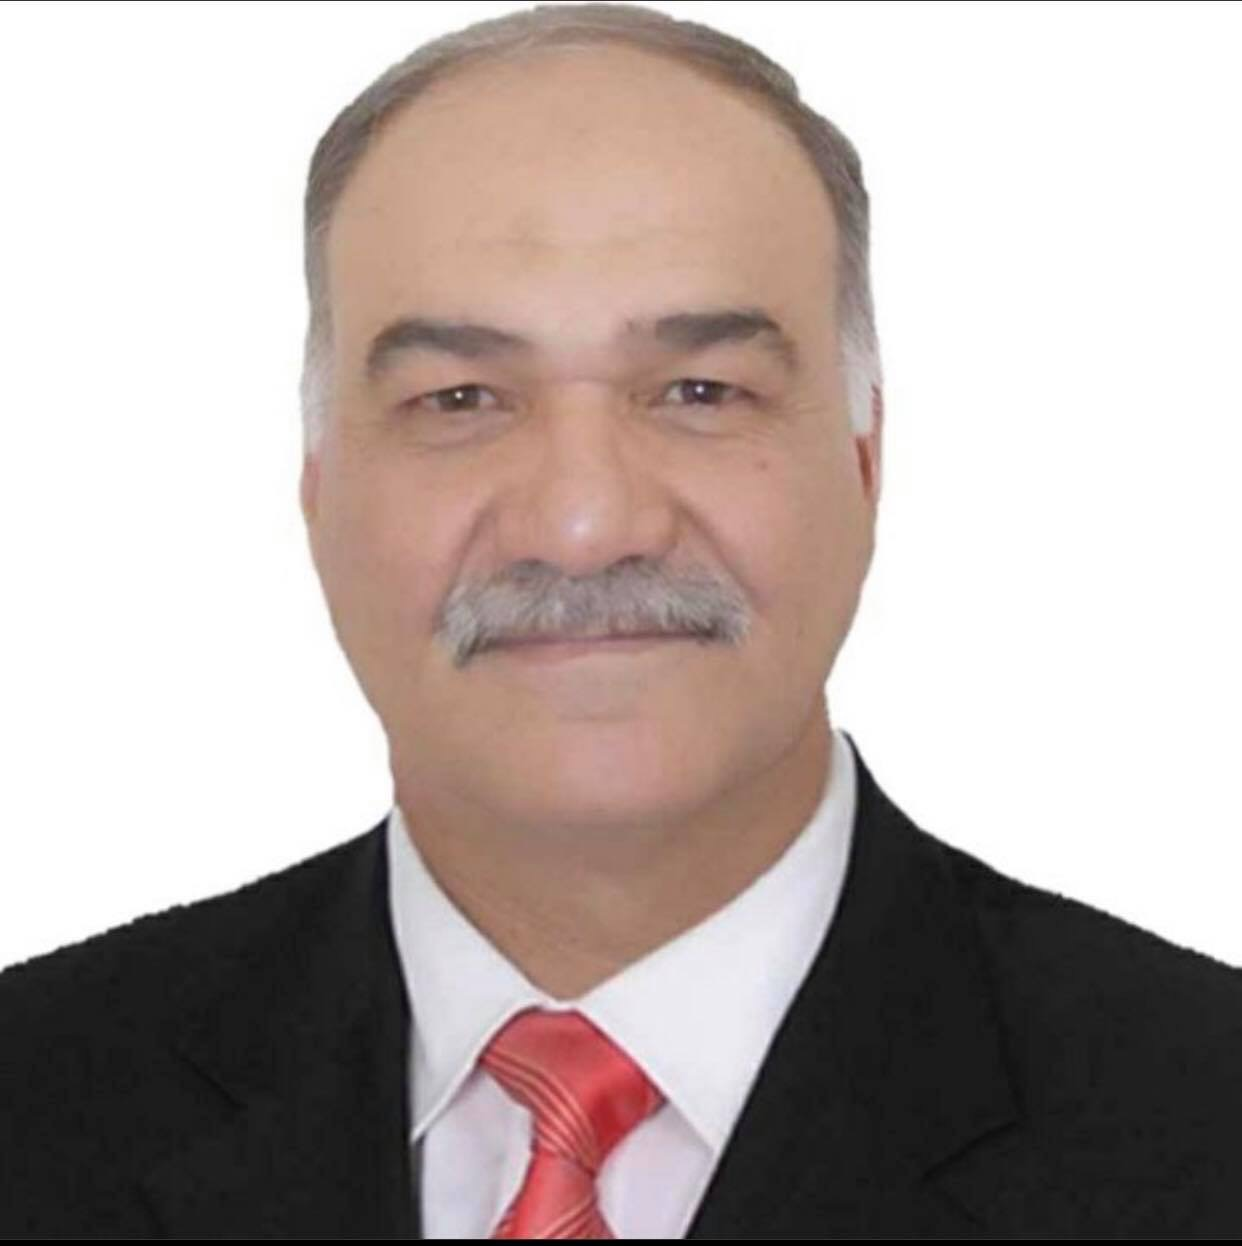 الاستاذ الدكتور حسين مردان عمر